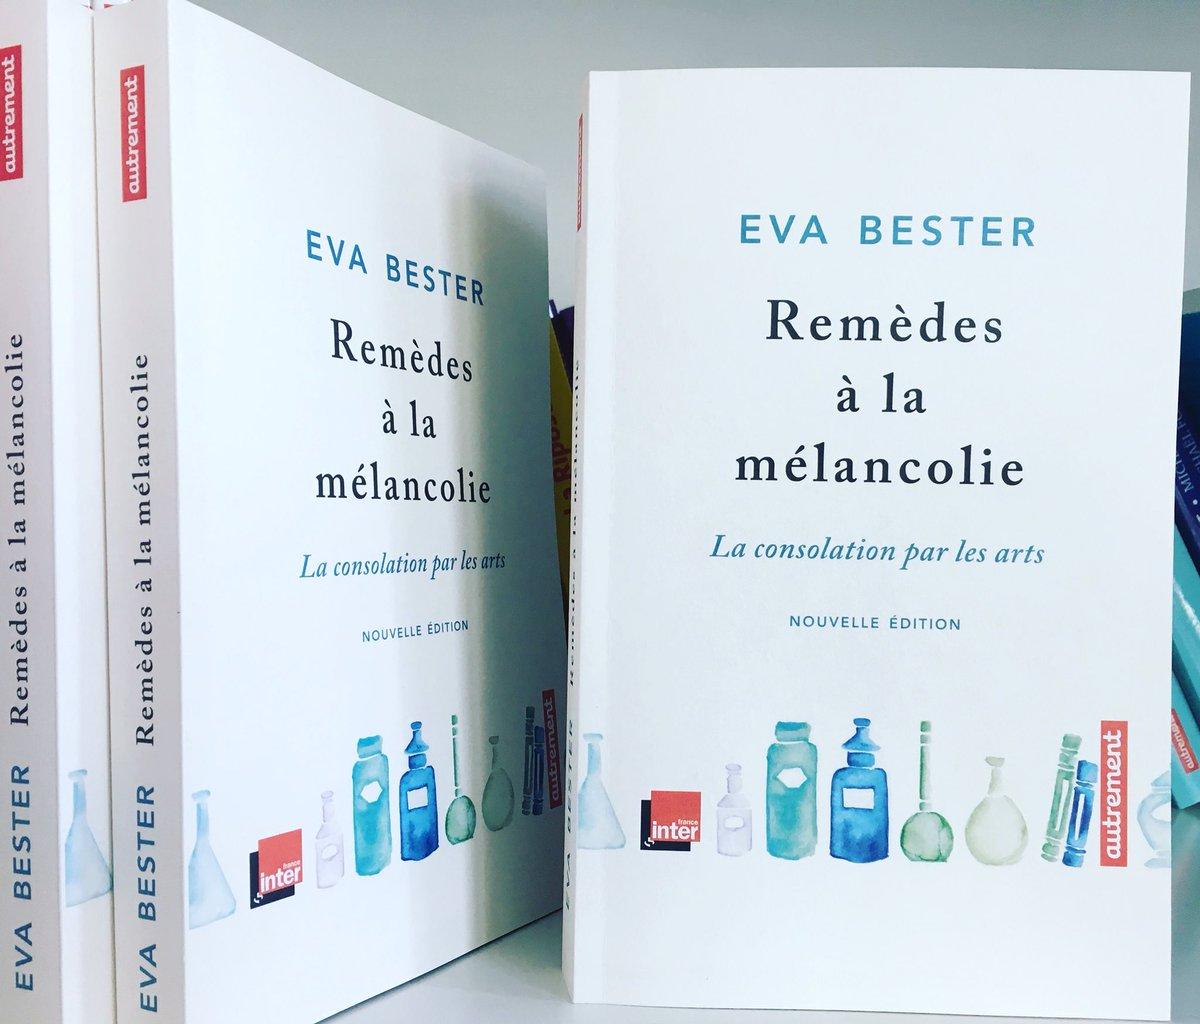 Eva Bester On Twitter La Nouvelle Edition Du Livre Remedes A La Melancolie Sort Le 6 Novembre Avec Un Essai Sur Le Peintre Ostendais Leon Spilliaert Https T Co Kiwhfj76wx